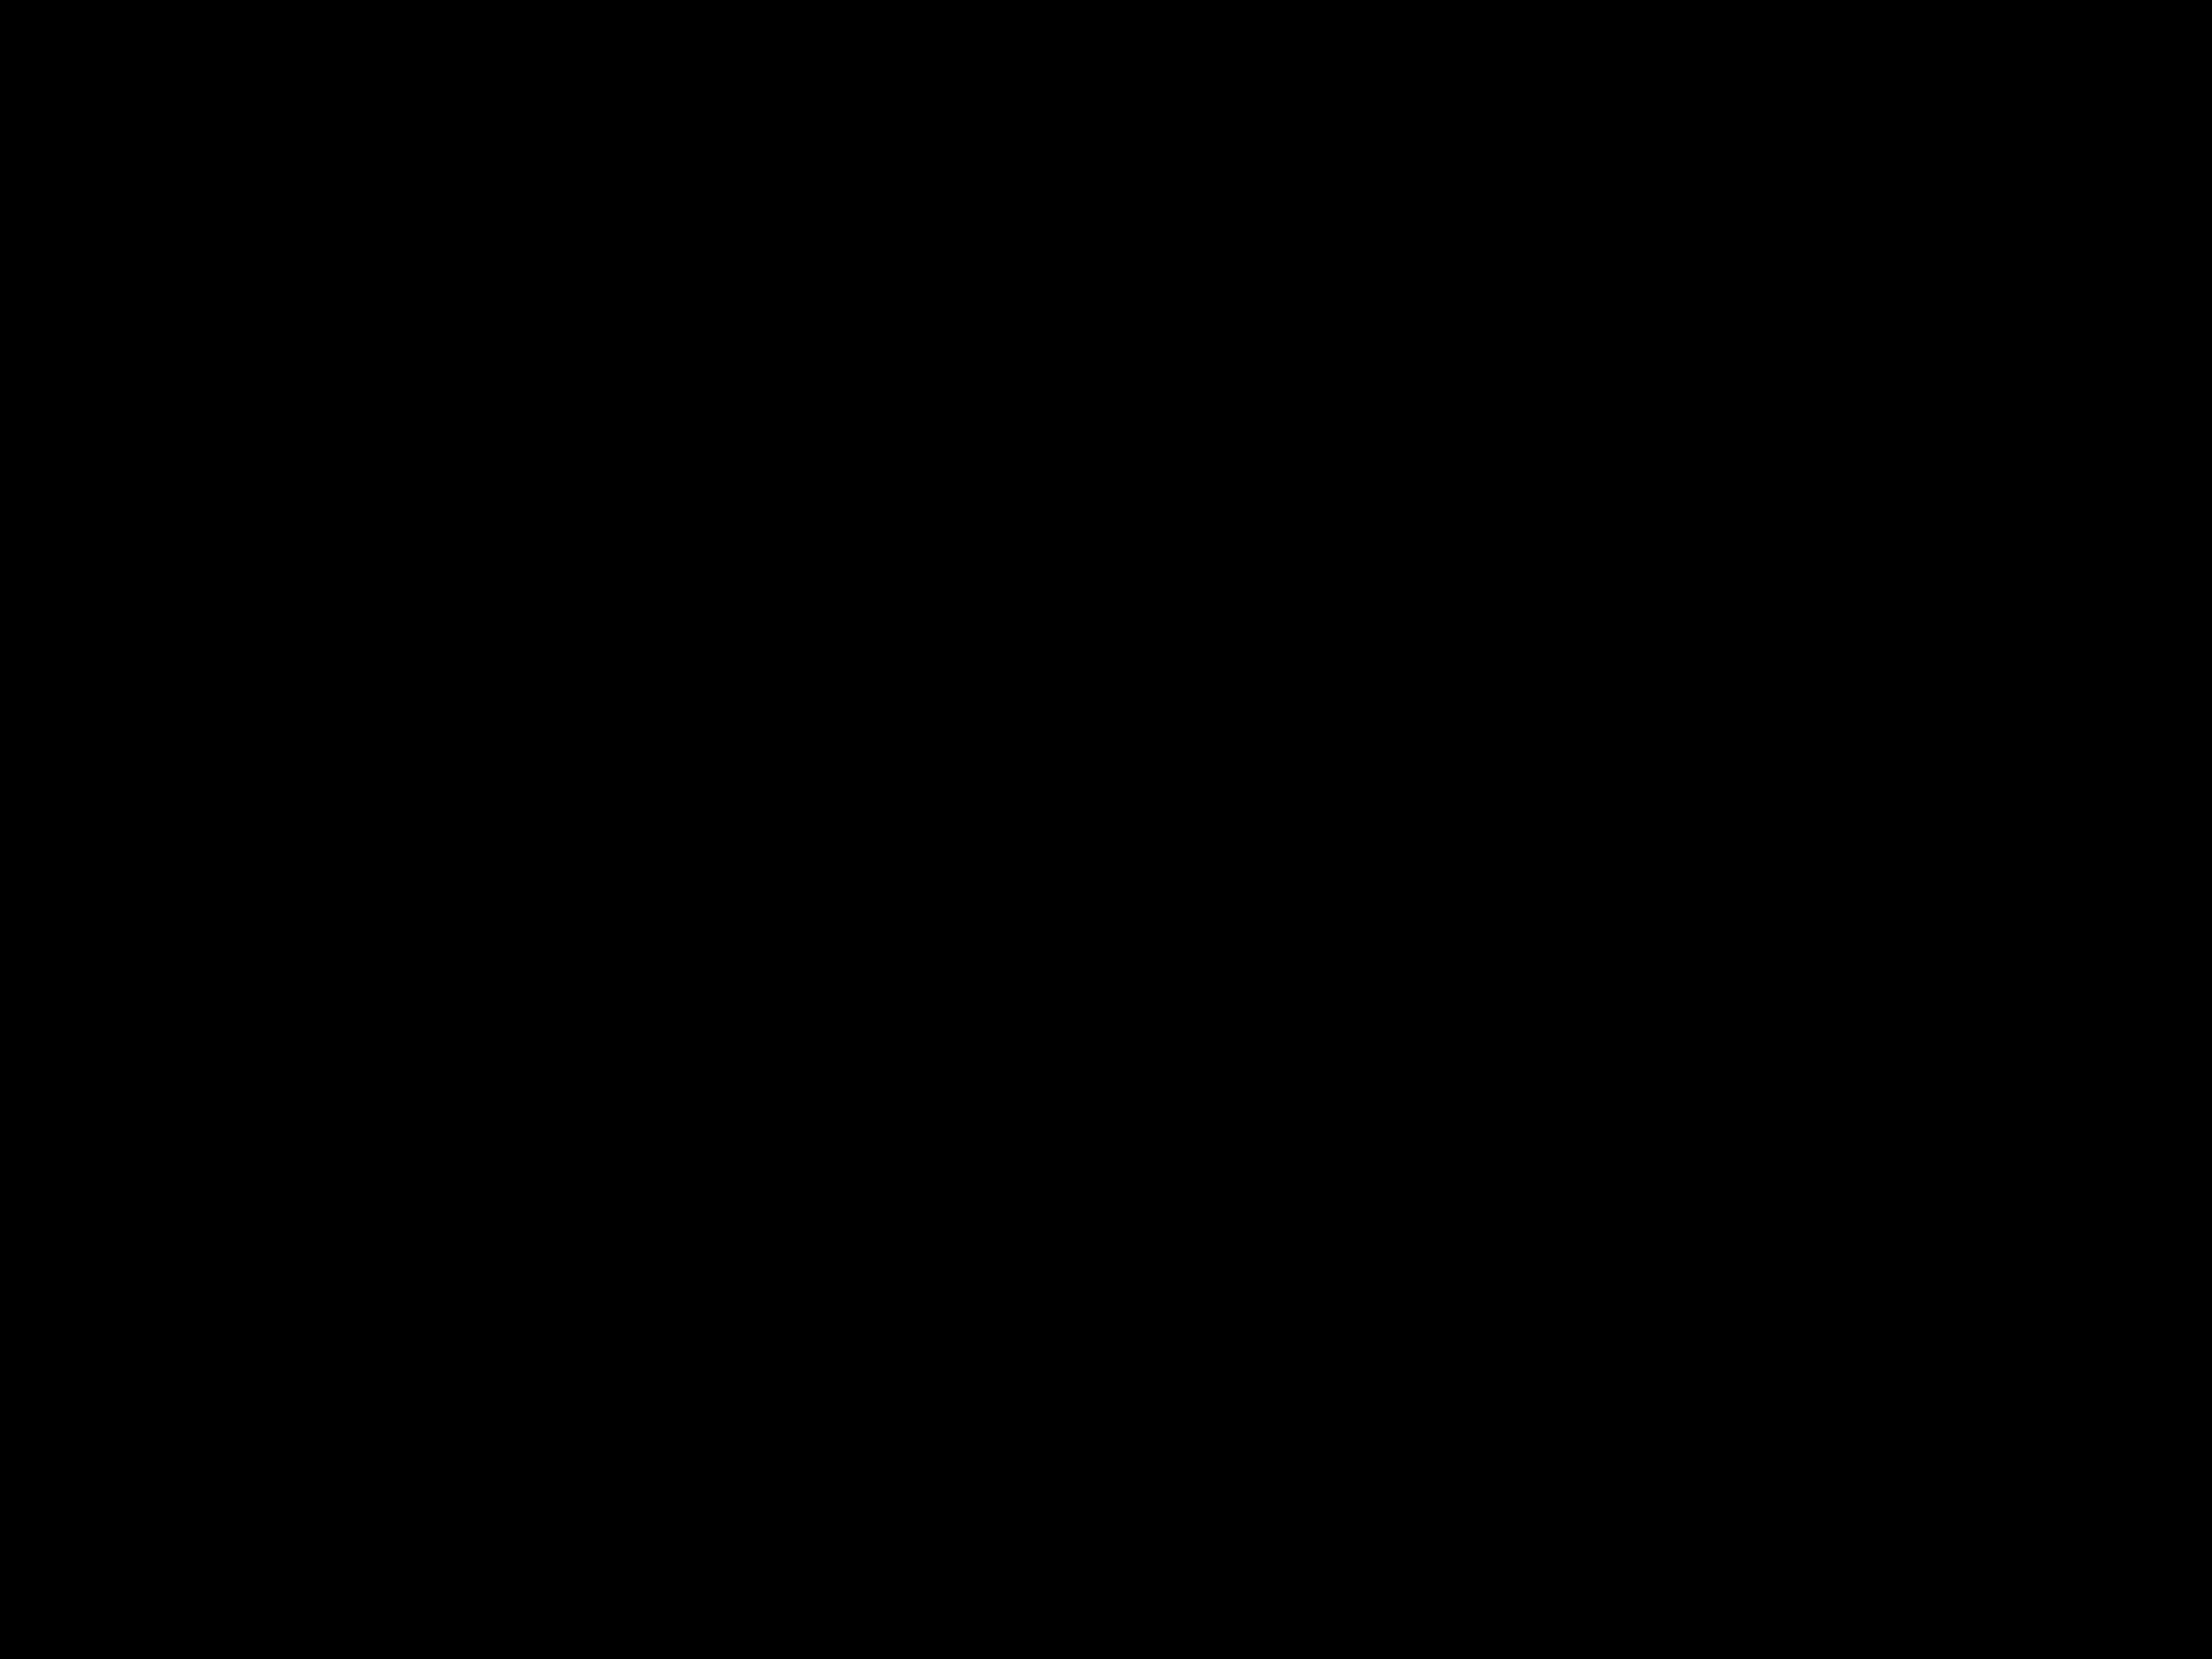 [003] Le Saint-Laurent carrefour des échanges vers 1600